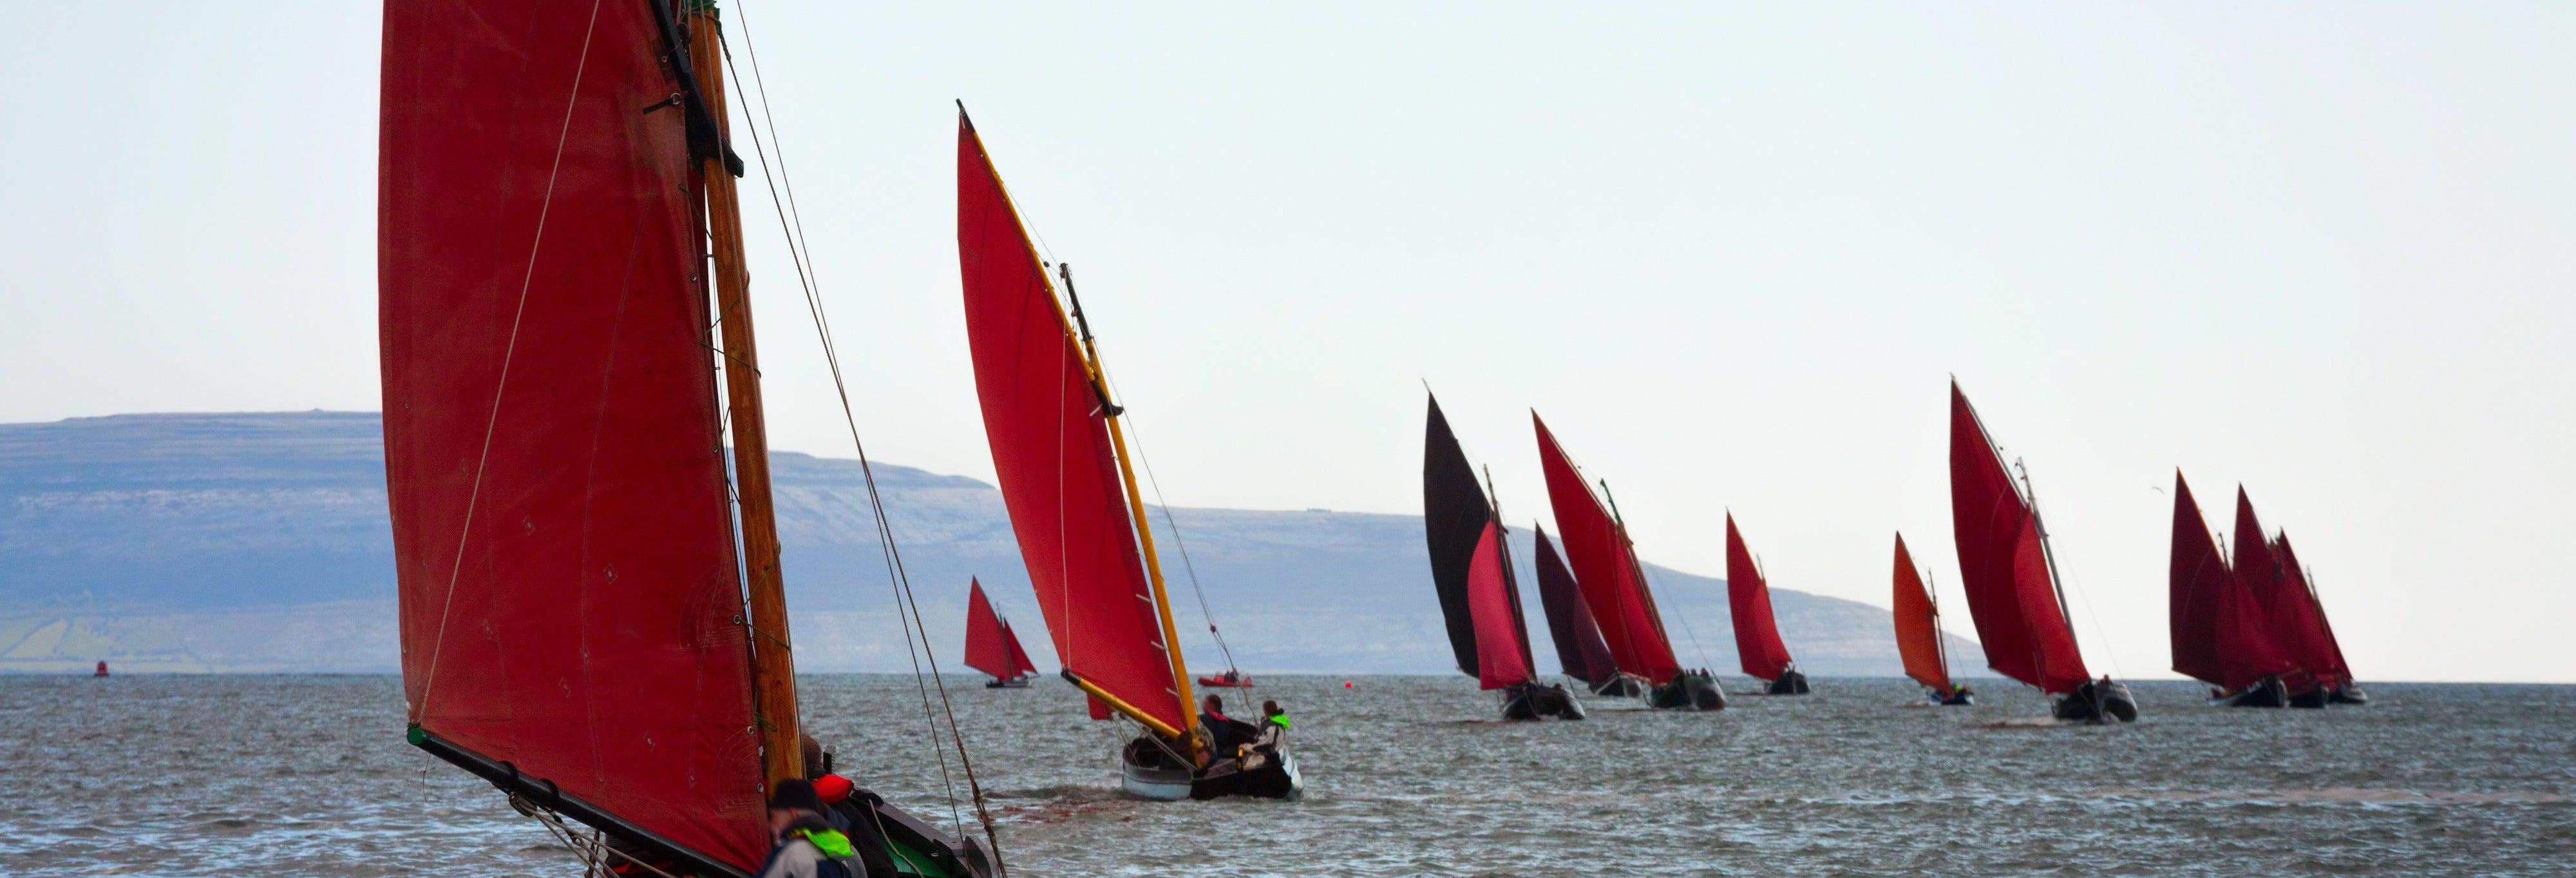 Paseo en velero tradicional por la costa oeste de Irlanda